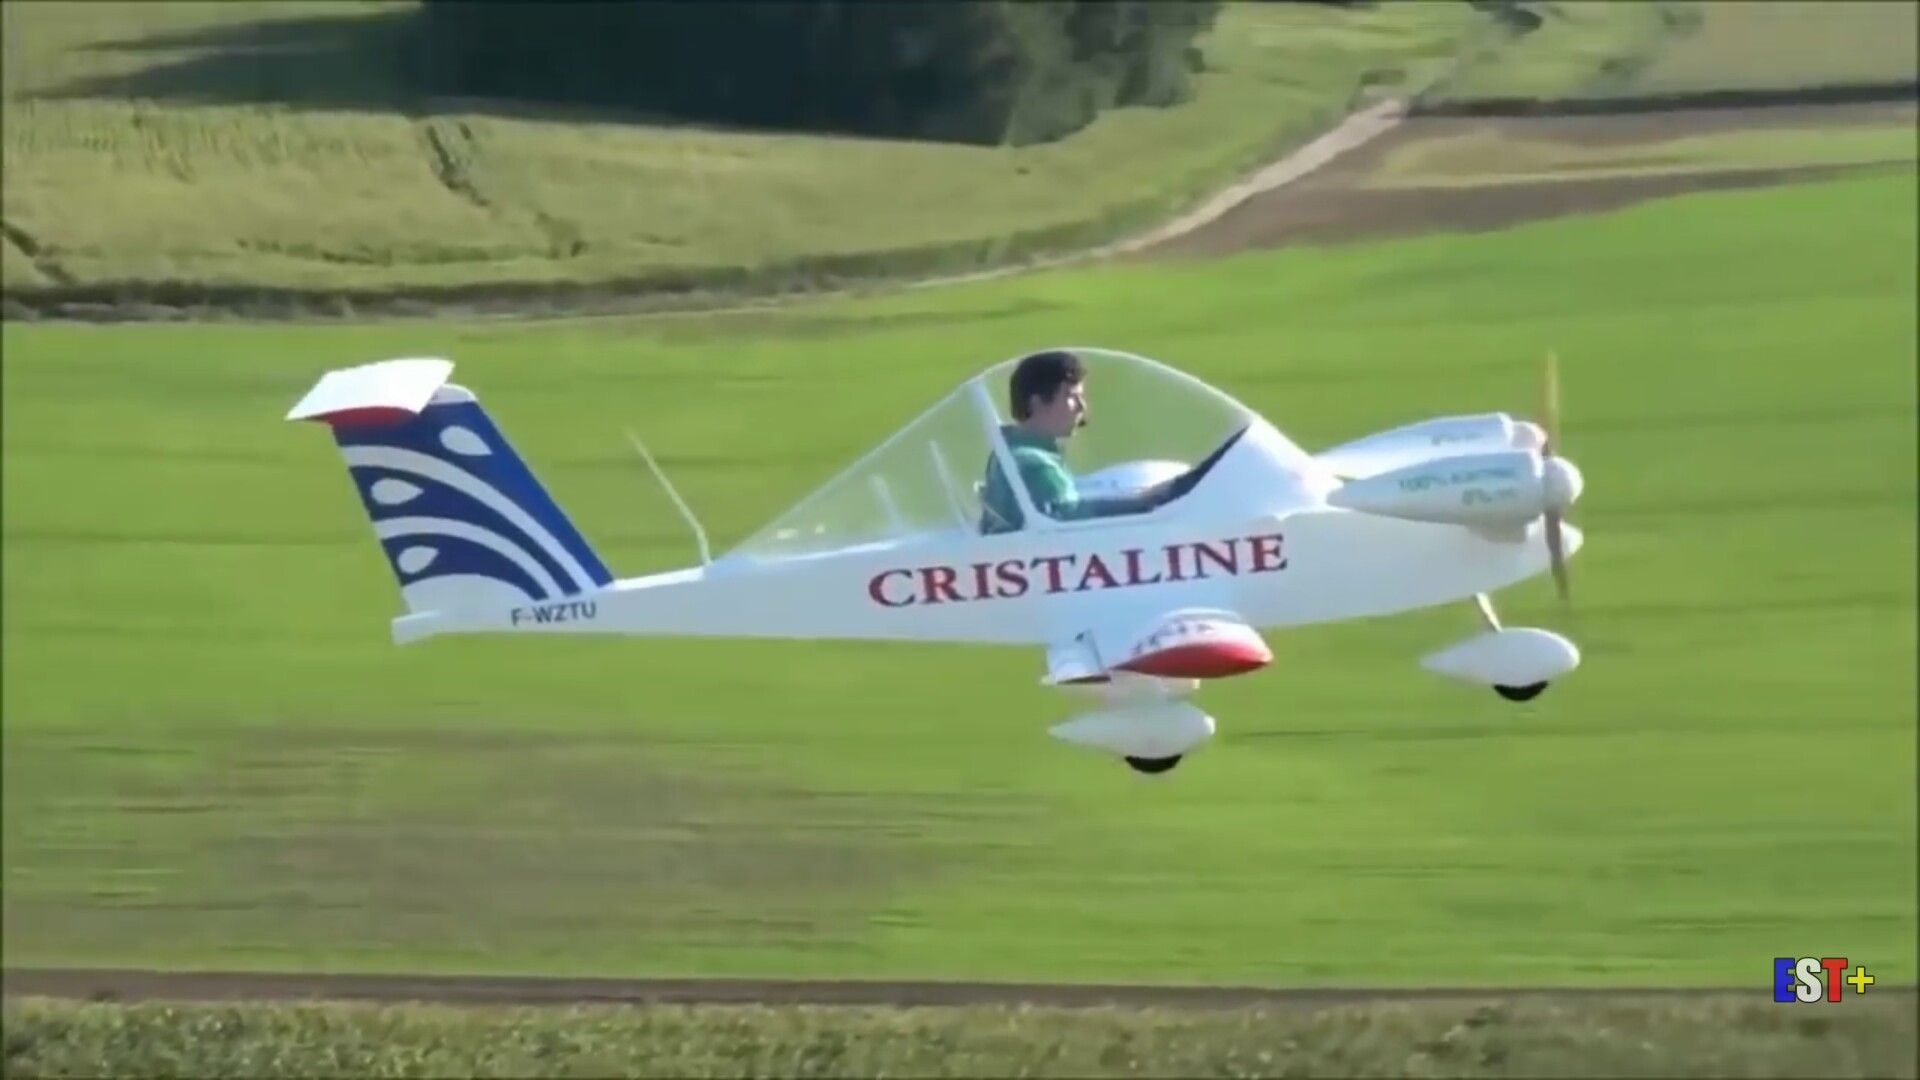 Pin by jonspitfiremk9 Watsapp on Gliders, vintage, modern